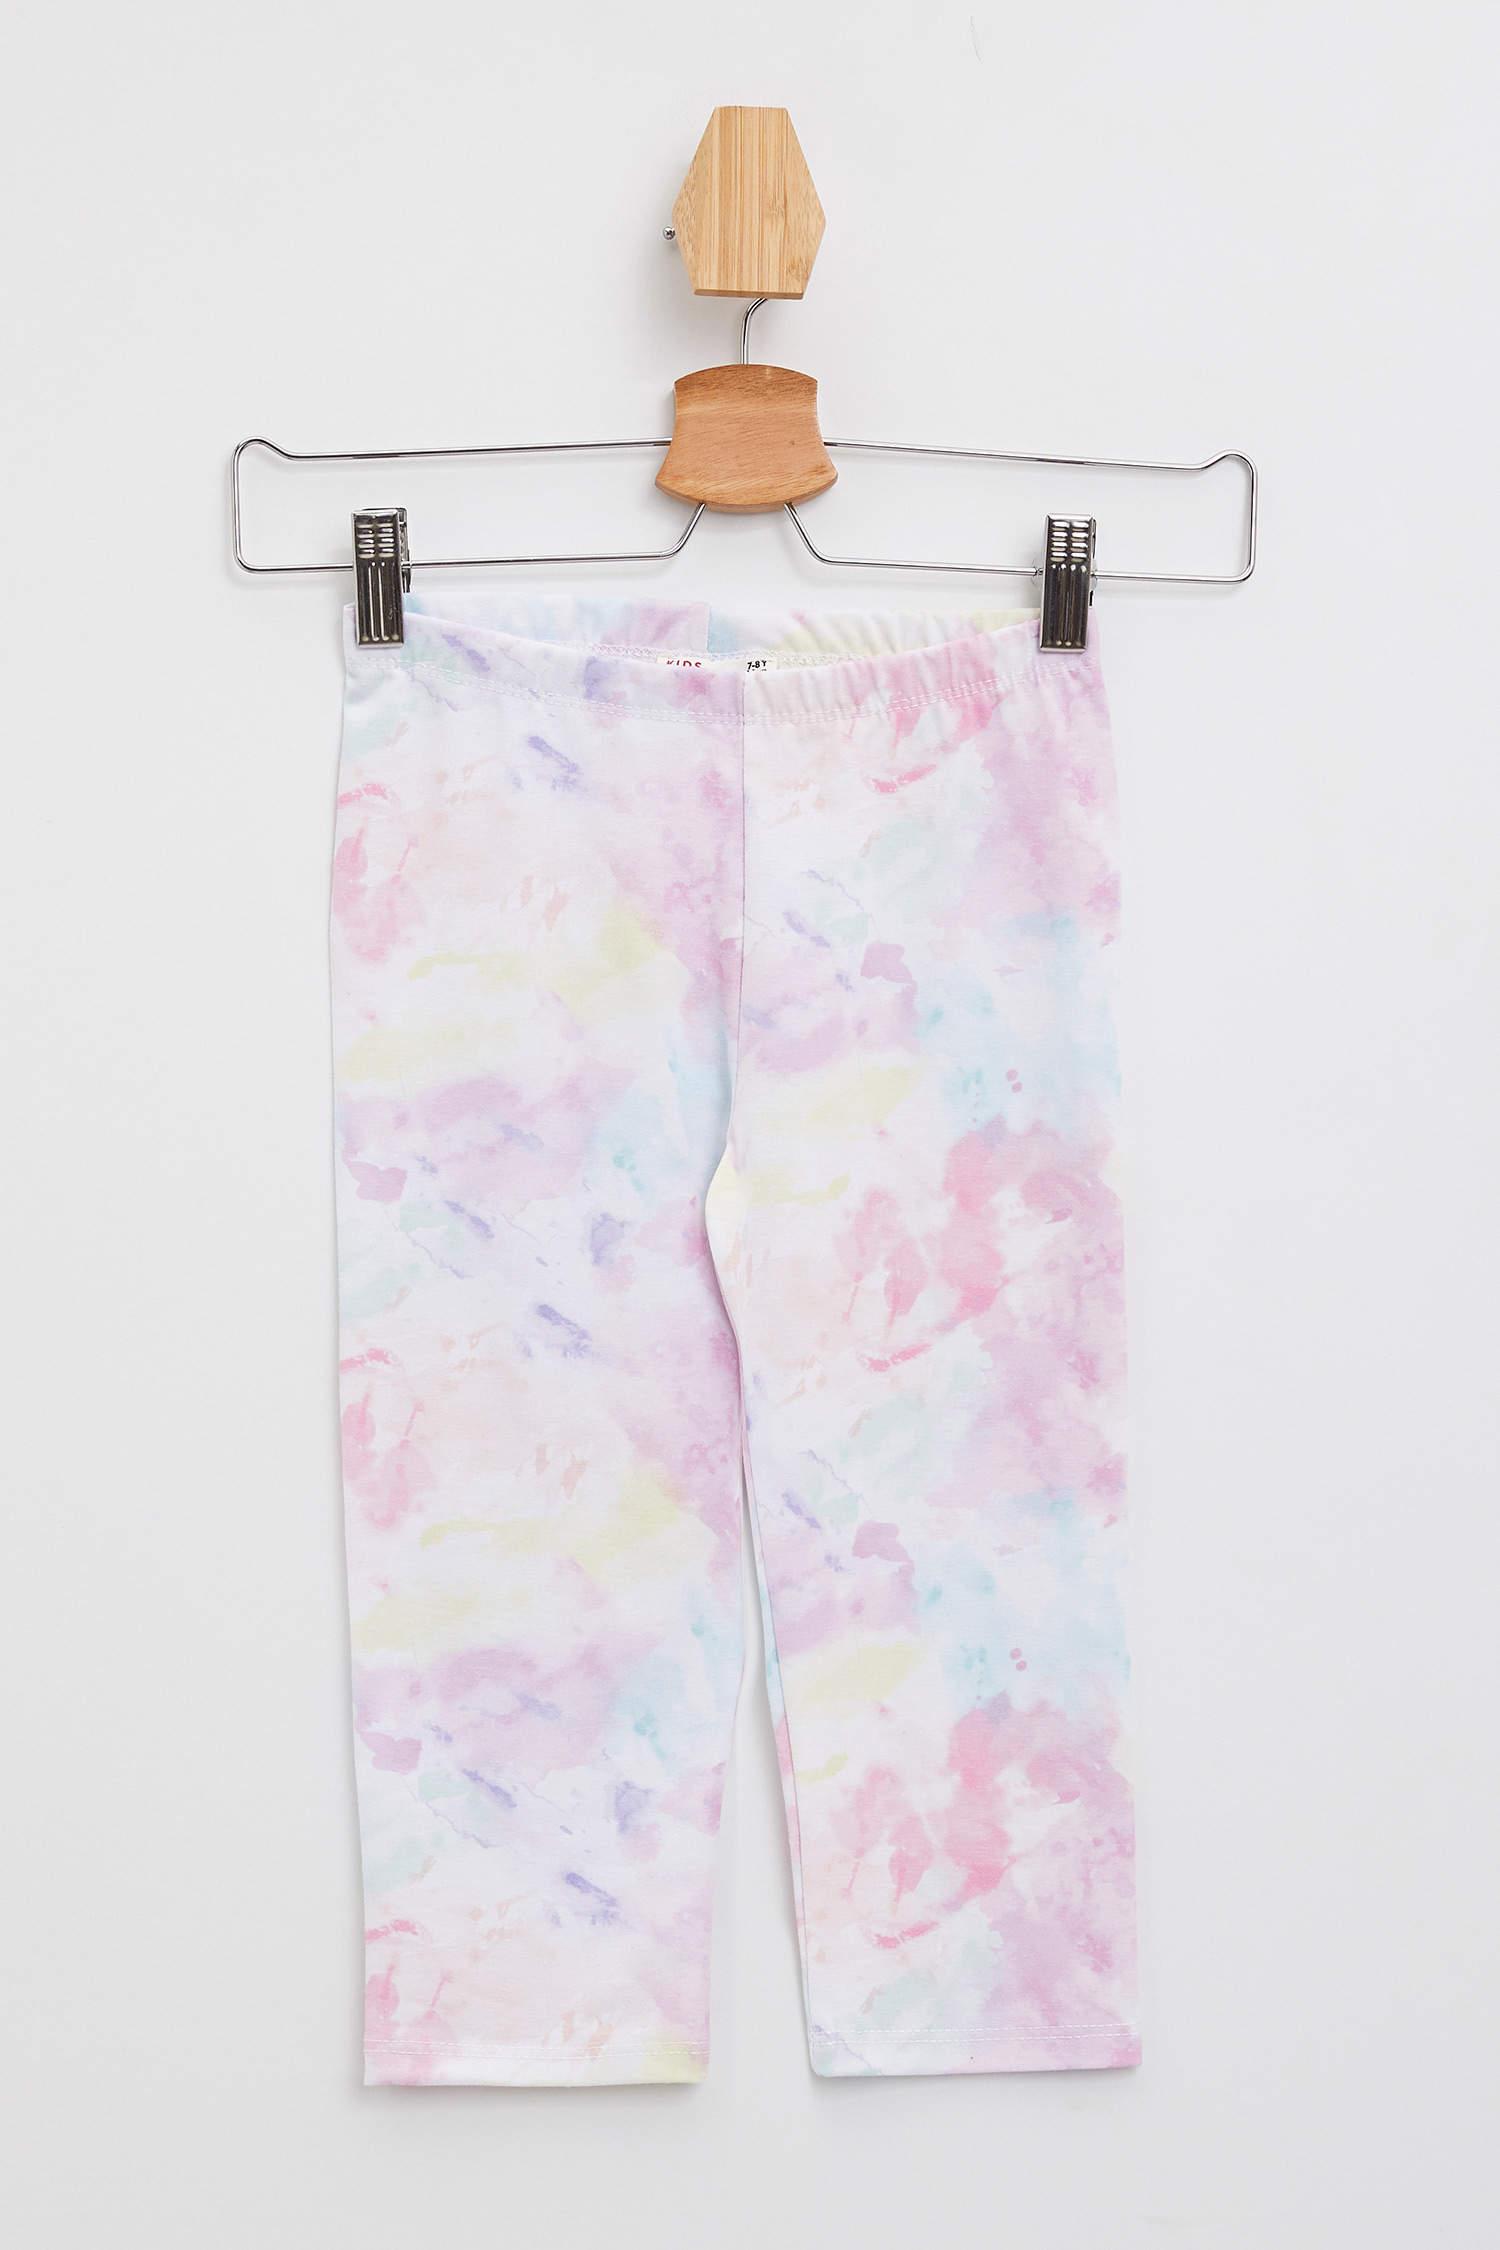 2967640b2a72a Pembe Kız Çocuk - Genç Kız Slim Fit Batik Tayt 1019041 | DeFacto